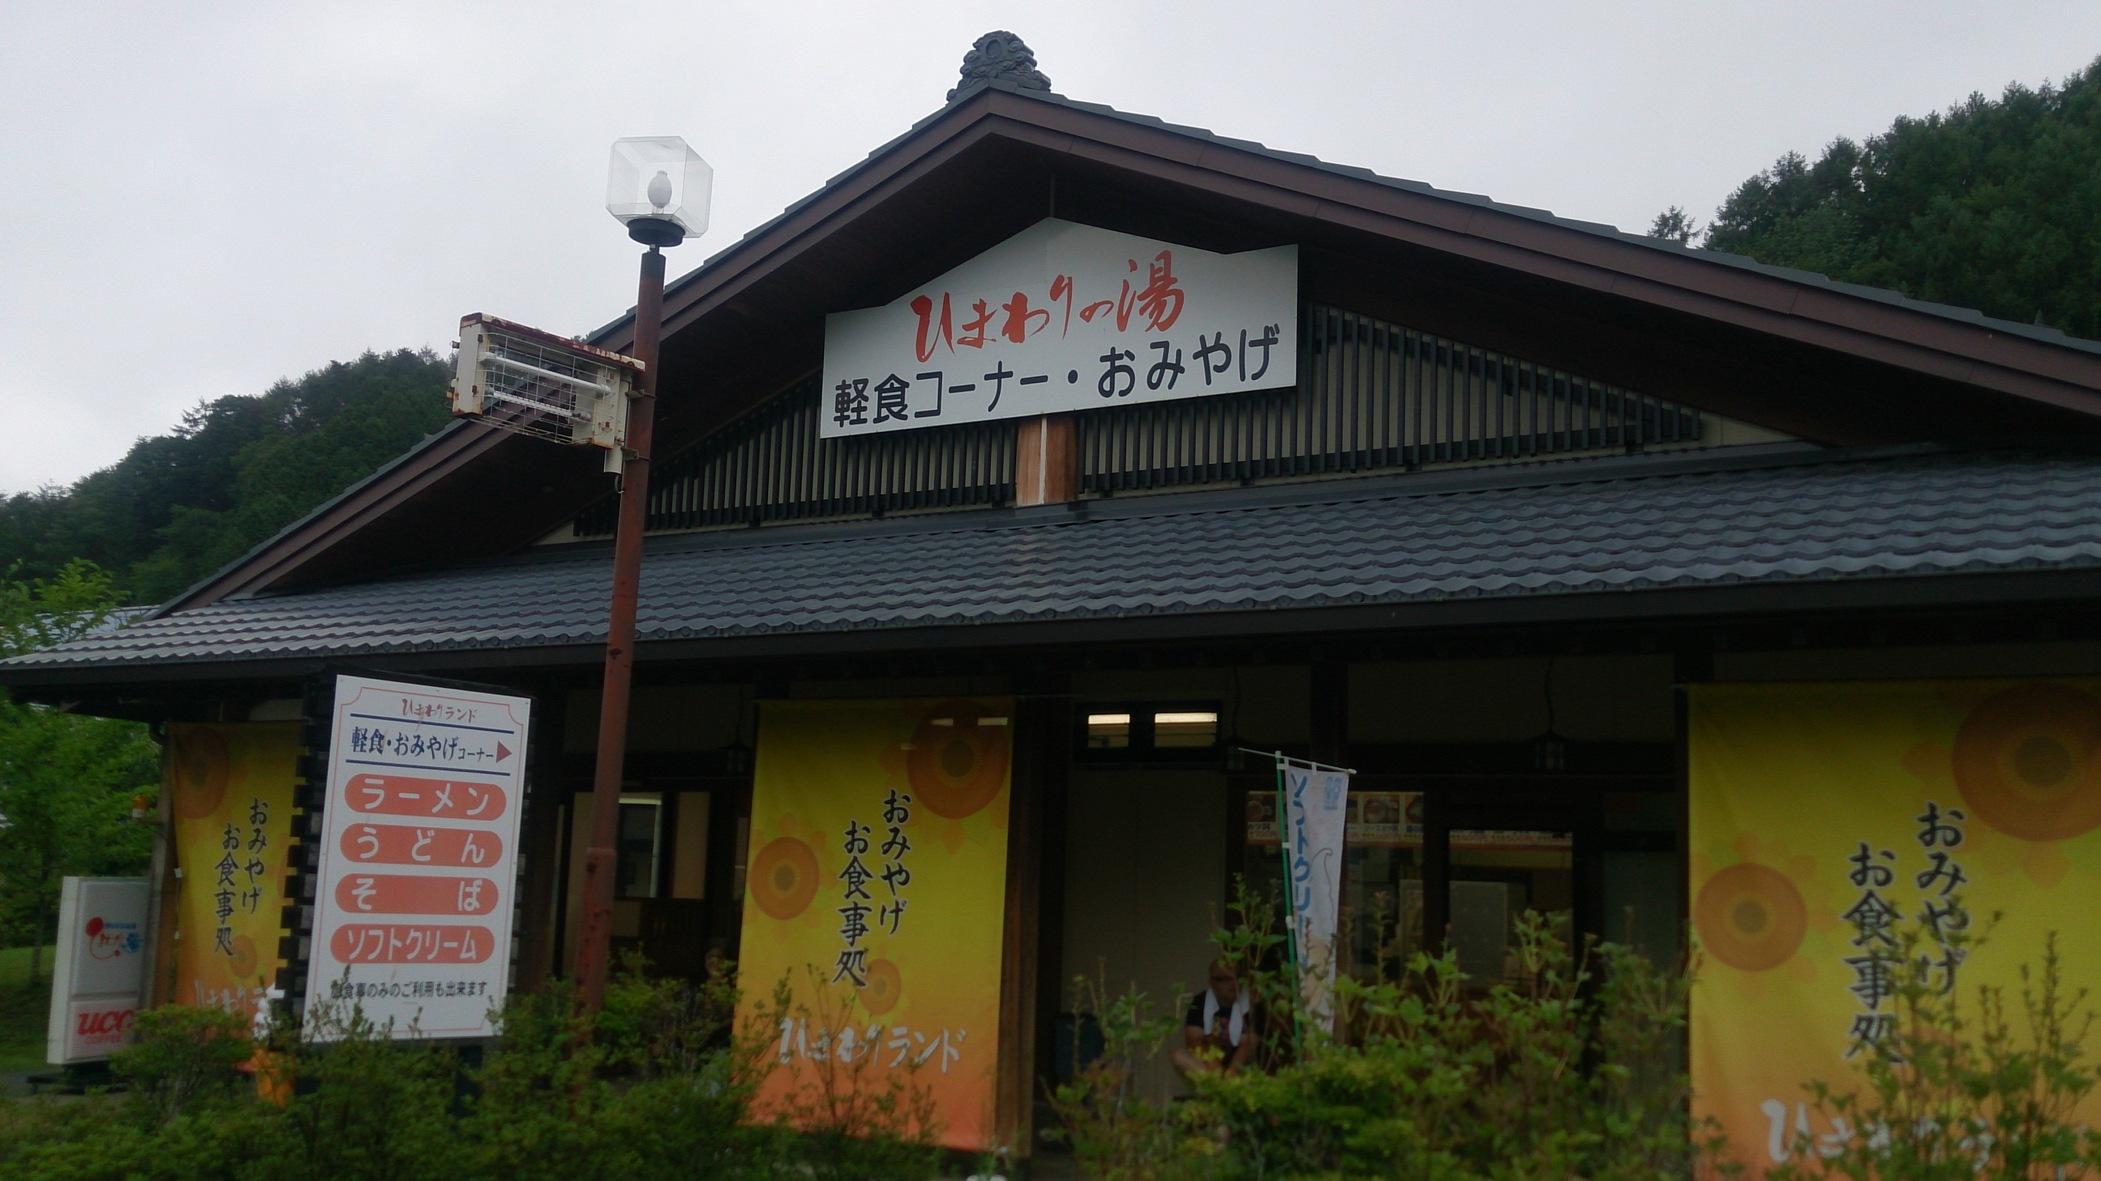 ひまわりランド name=